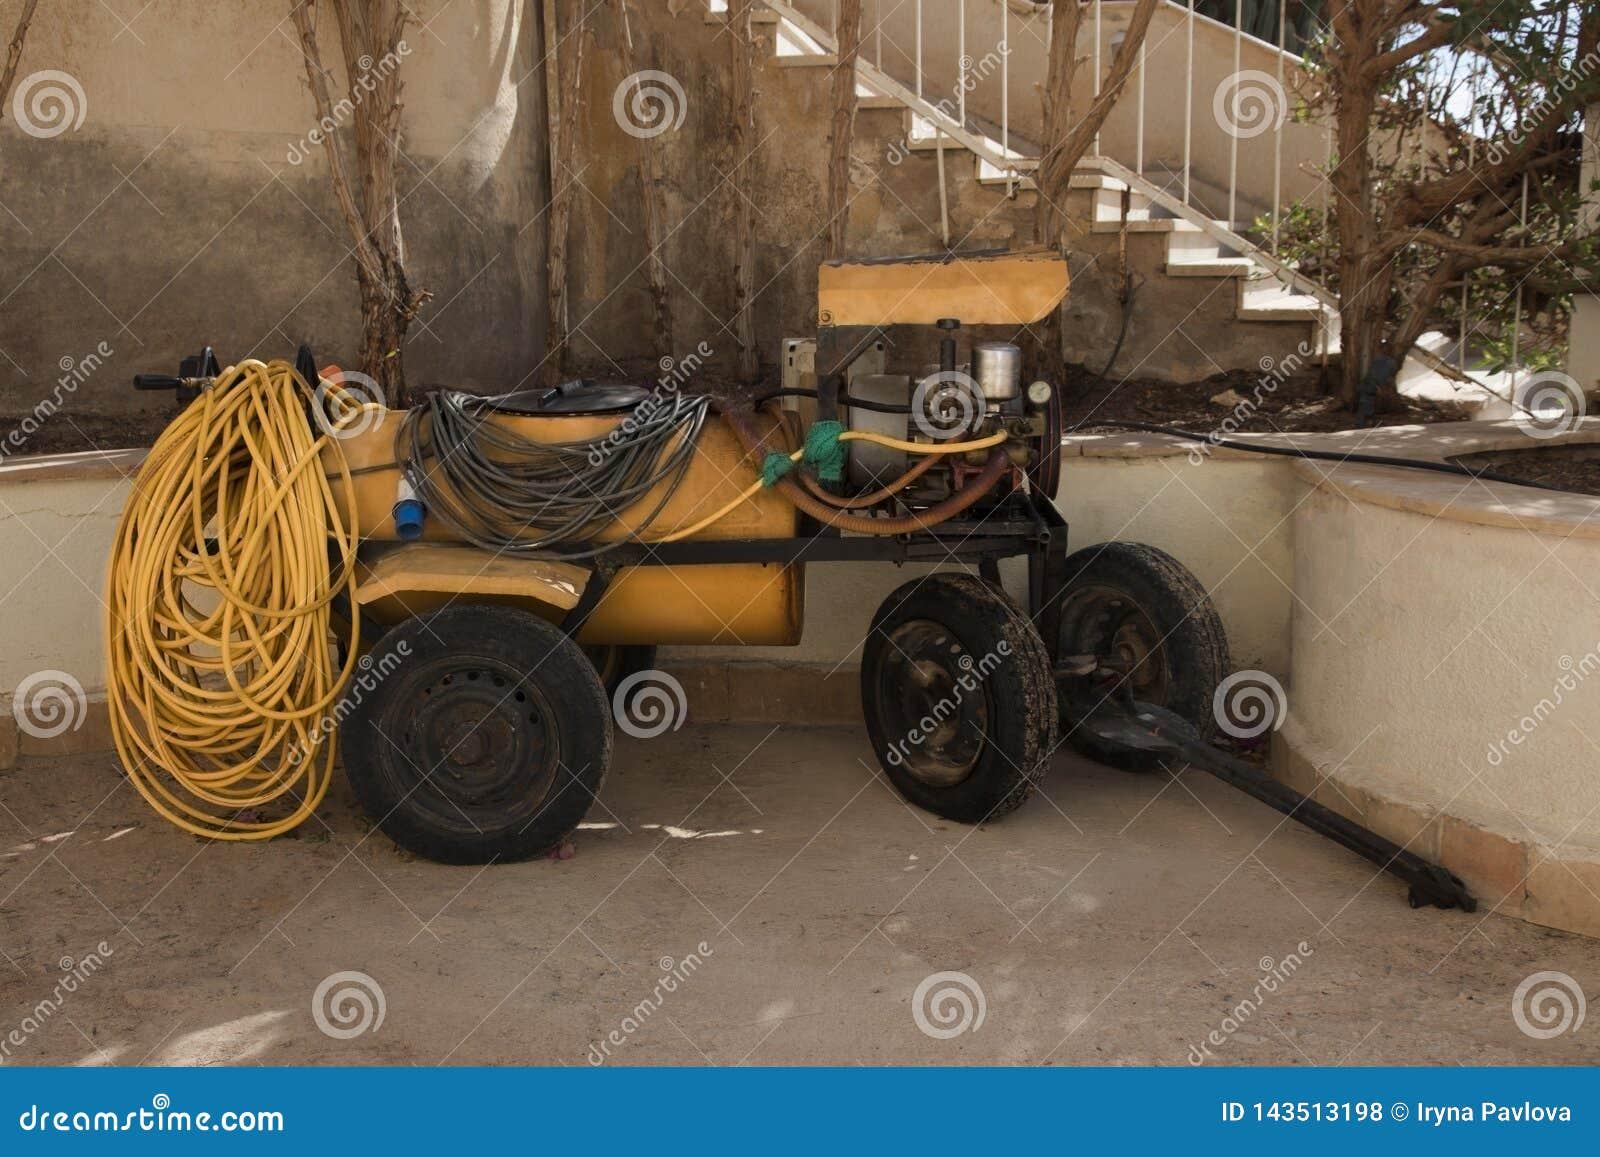 对拖拉机的拖车在有一台农业喷雾器的轮子